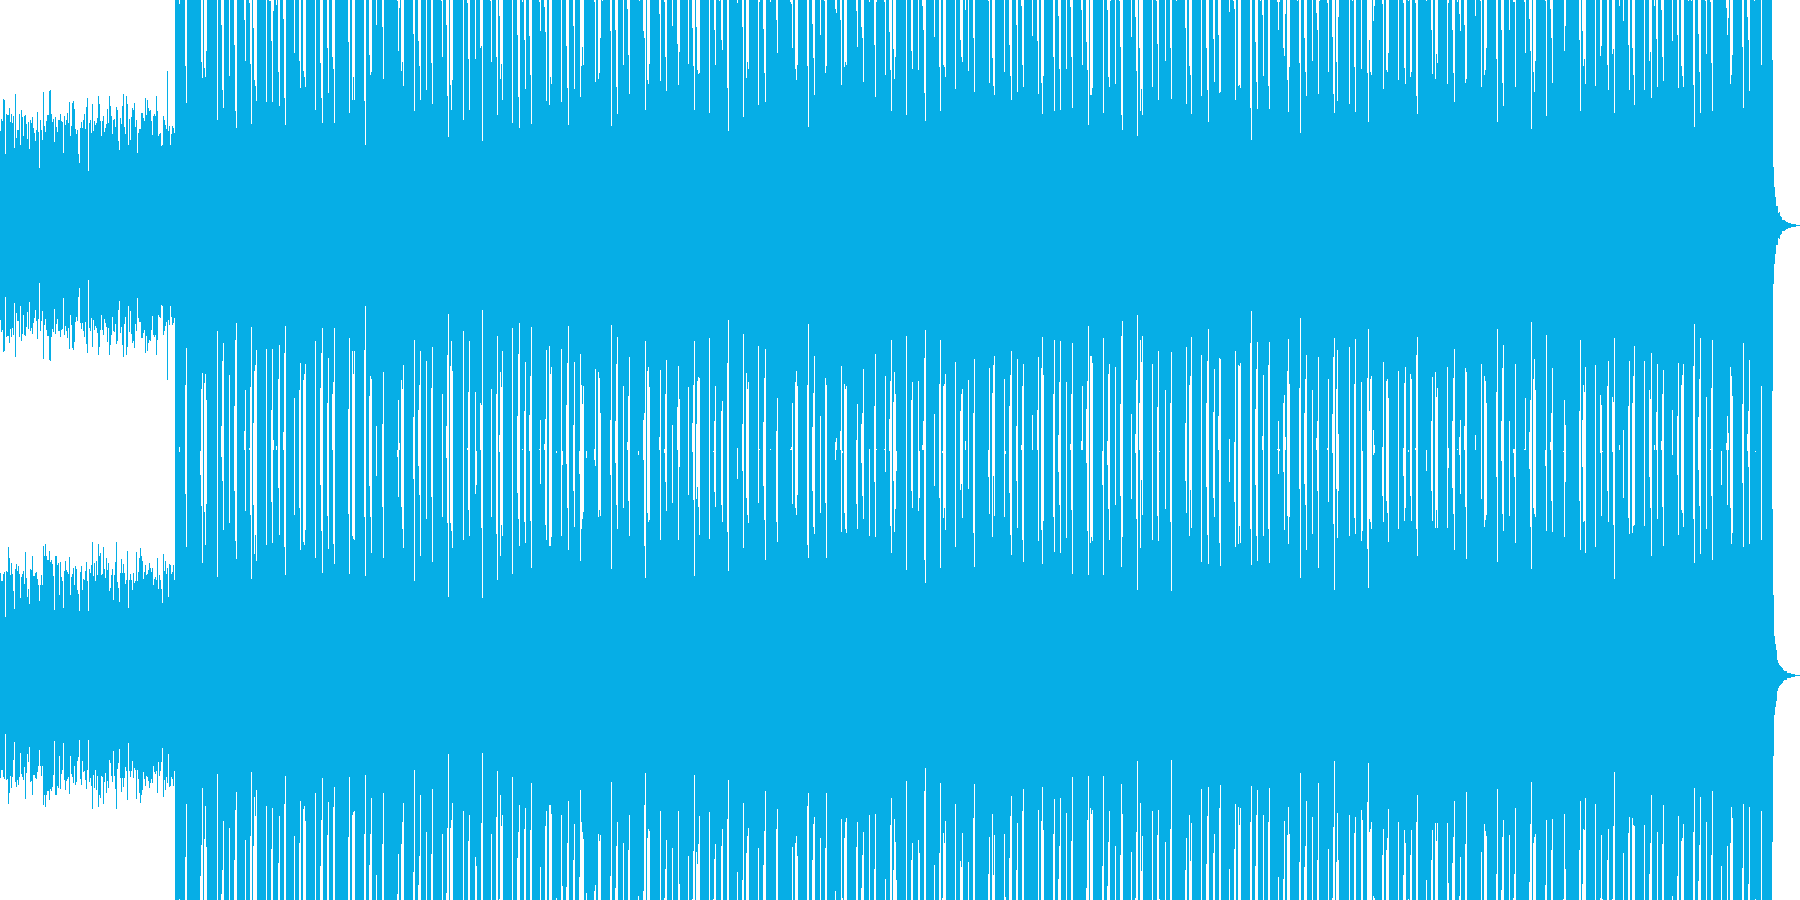 HIP HOP BEAT 03の再生済みの波形